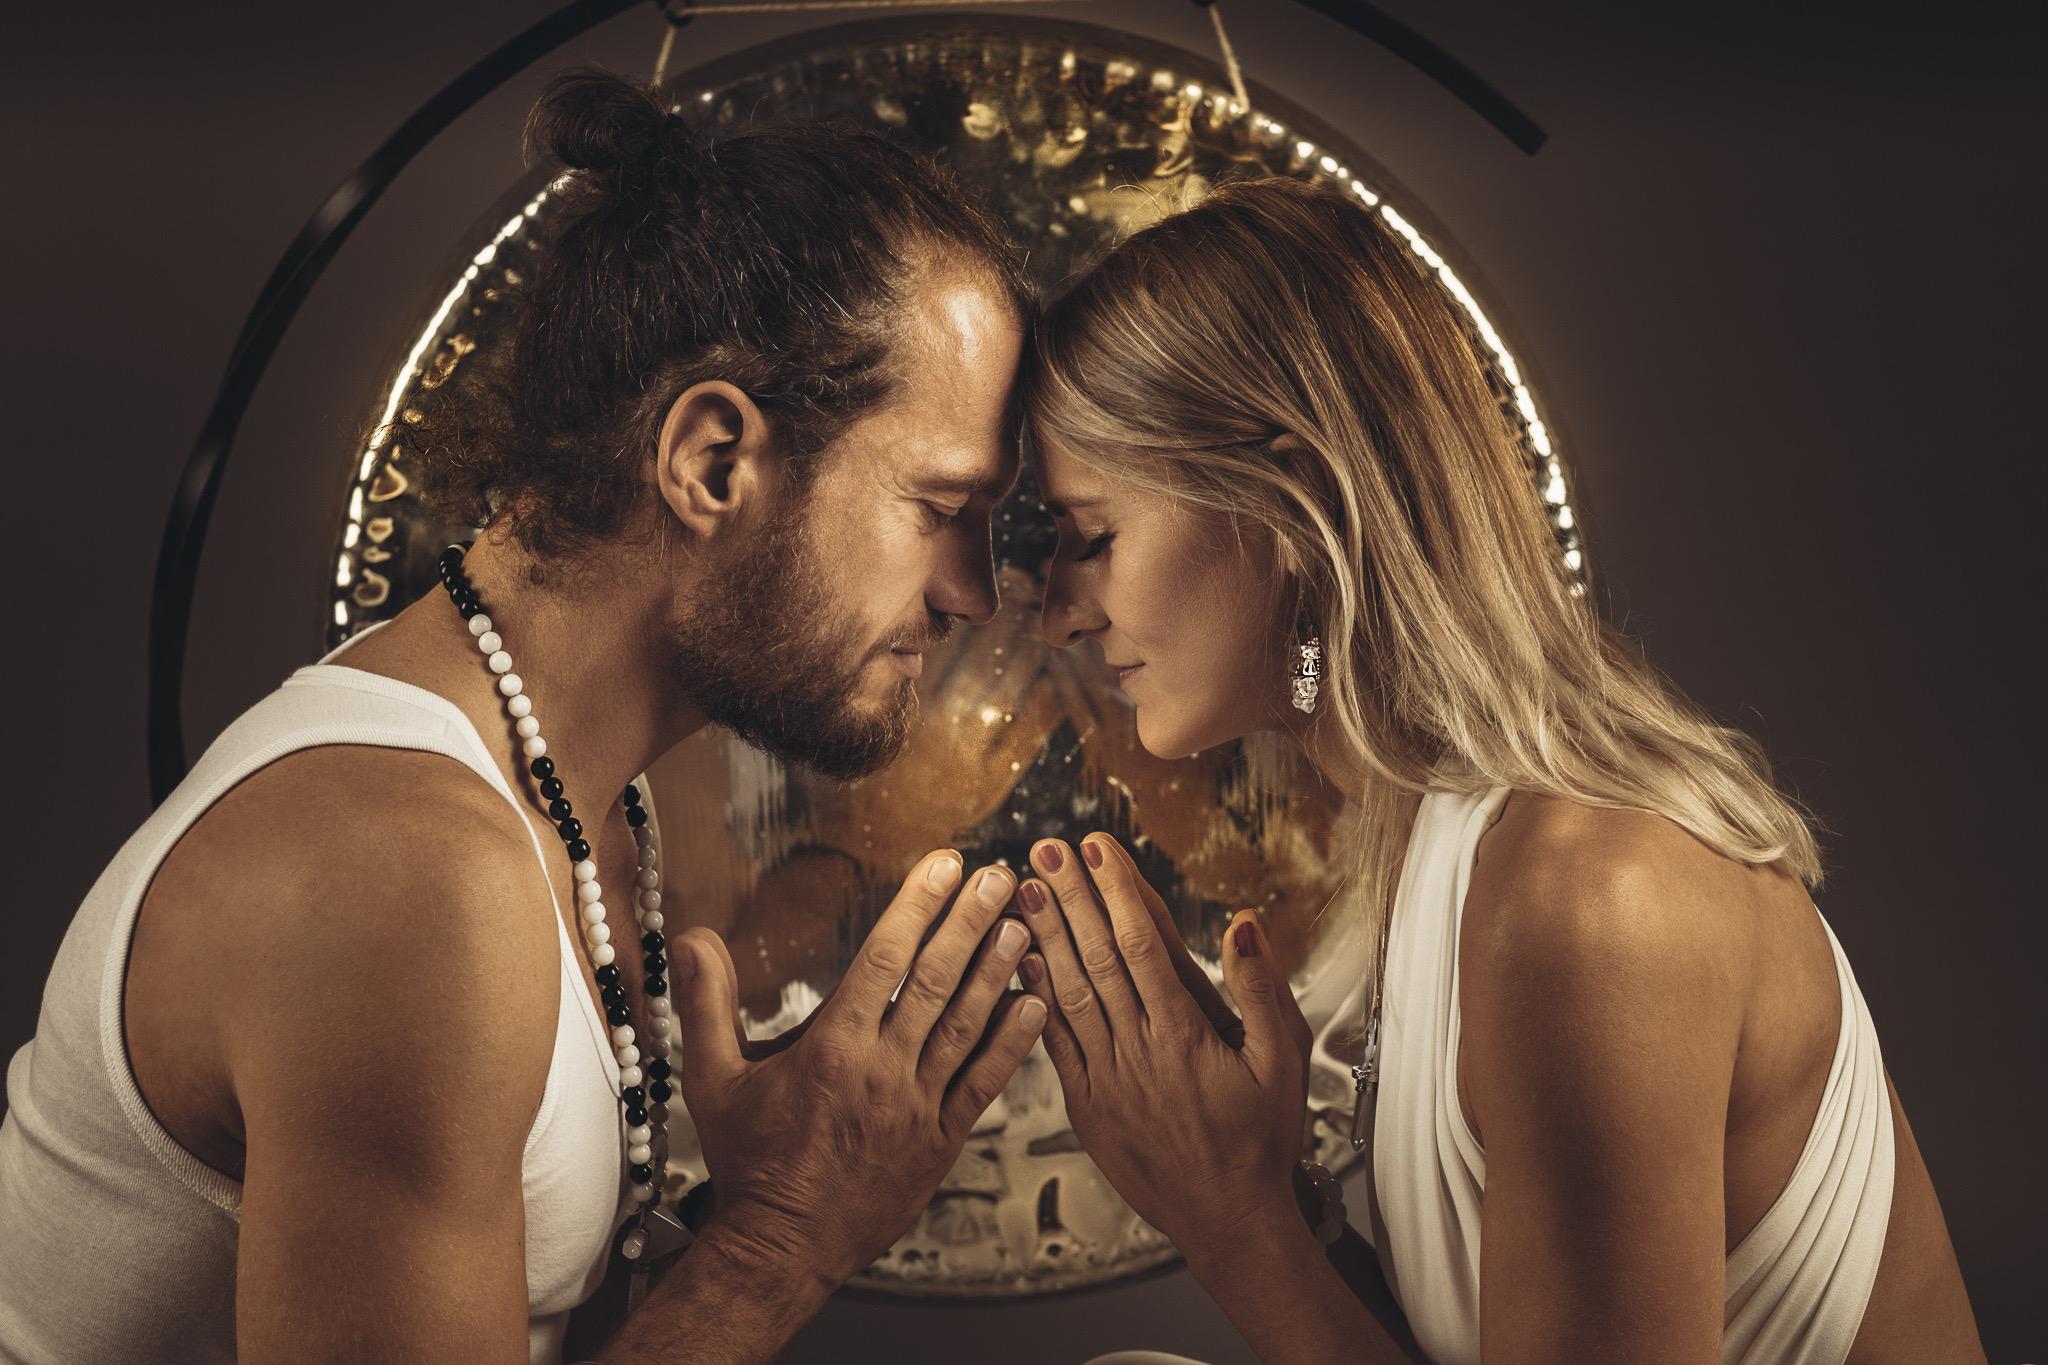 Muž a žena: Tanec dualit - párová jóga se zvukovou lázní